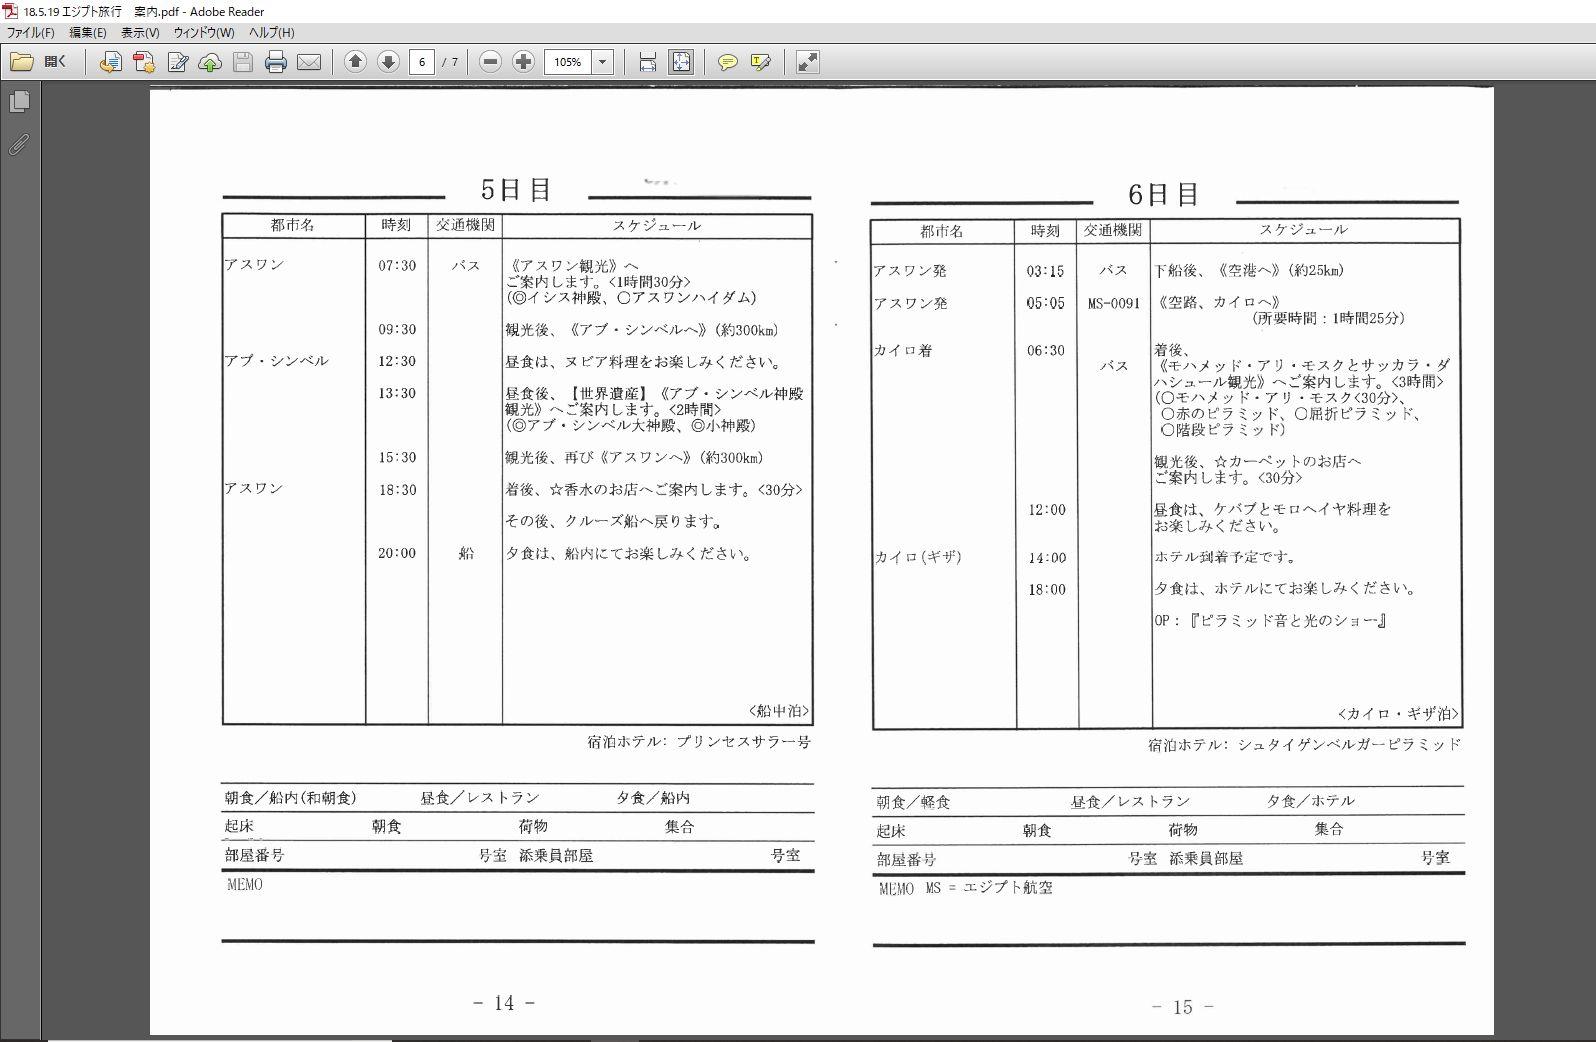 旅行日程表 PDF 快適